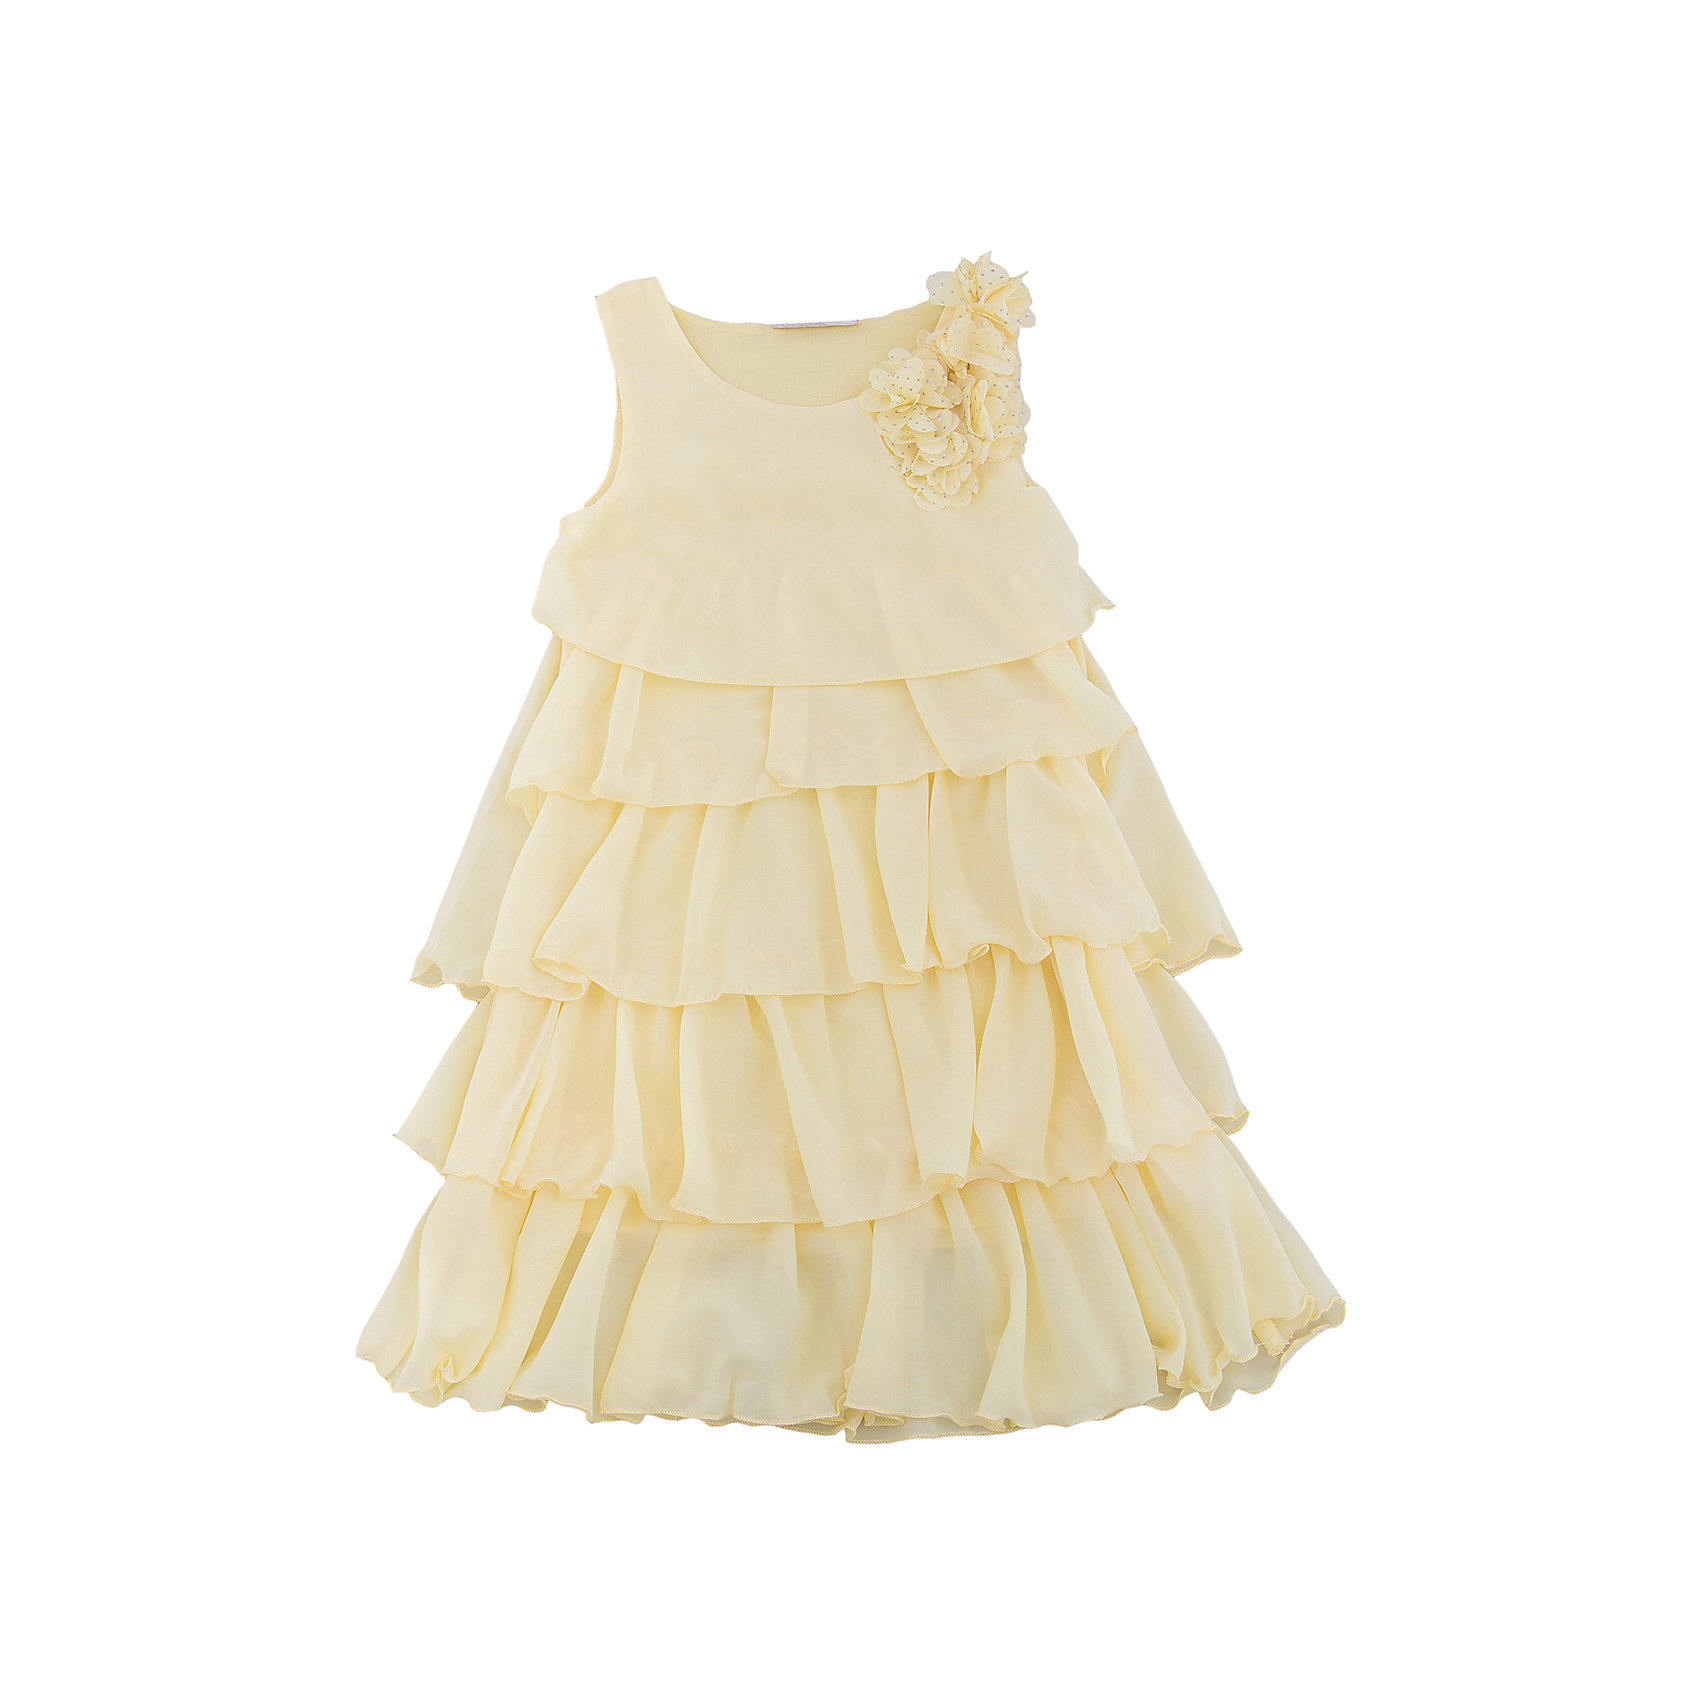 Платье для девочки Sweet BerryОдежда<br>Стильное платье для девочки из многослойной ткани. Лиф платья декорирован цветами. Свободный крой.<br>Состав:<br>Верх: 100% полиэстер, Подкладка: 100%хлопок<br><br>Ширина мм: 236<br>Глубина мм: 16<br>Высота мм: 184<br>Вес г: 177<br>Цвет: желтый<br>Возраст от месяцев: 36<br>Возраст до месяцев: 48<br>Пол: Женский<br>Возраст: Детский<br>Размер: 104,116,122,128,98,110<br>SKU: 5412717